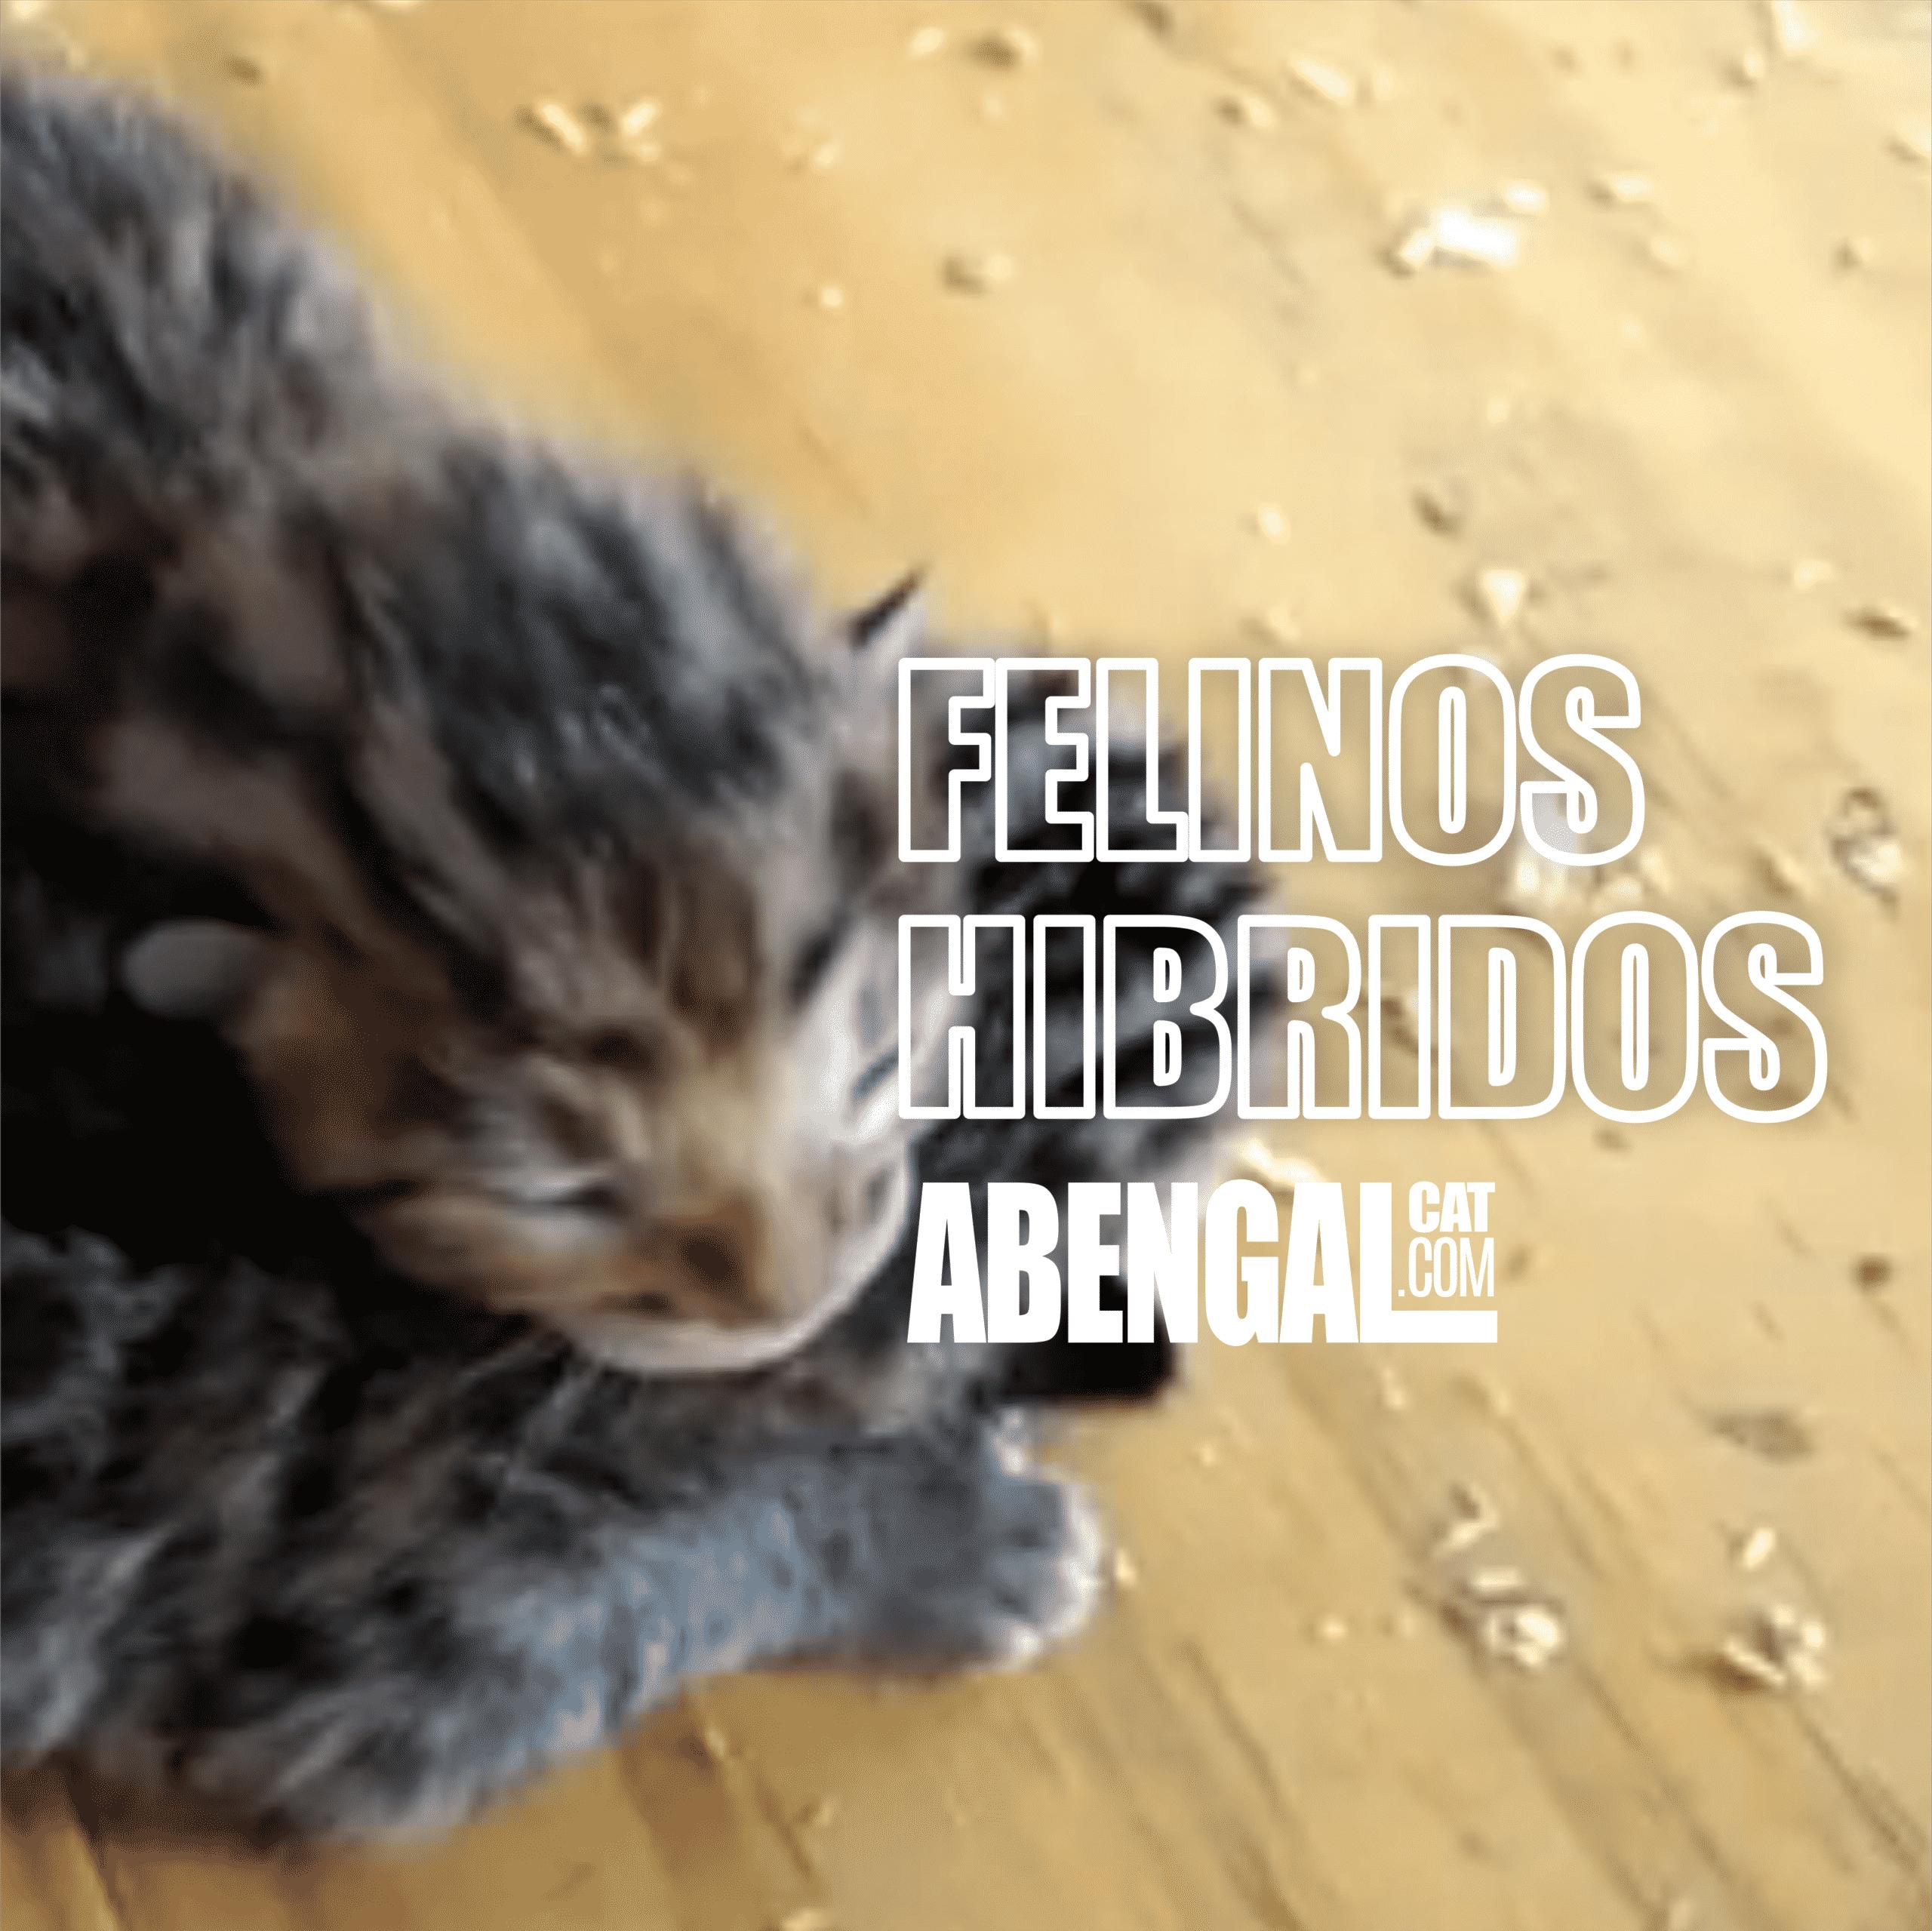 hibridos-felinos